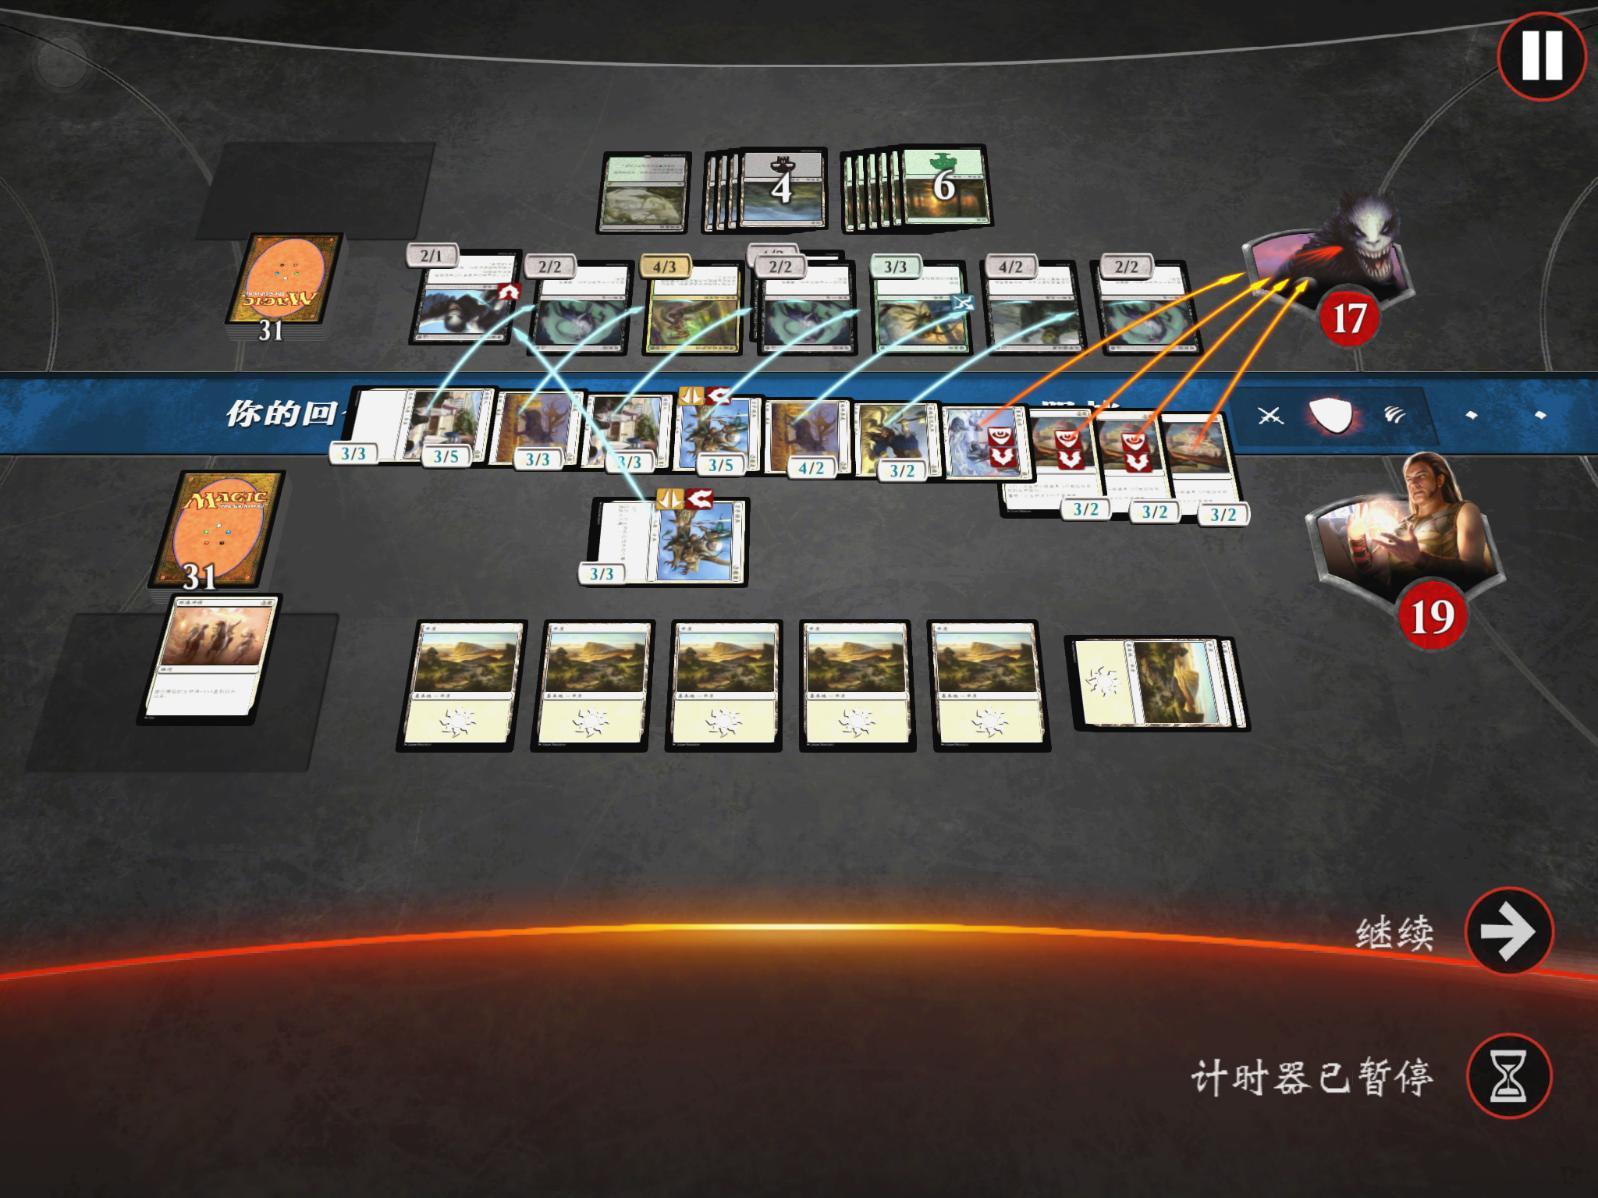 卡牌游戏万智牌《万智对决》剧情模式全攻略(